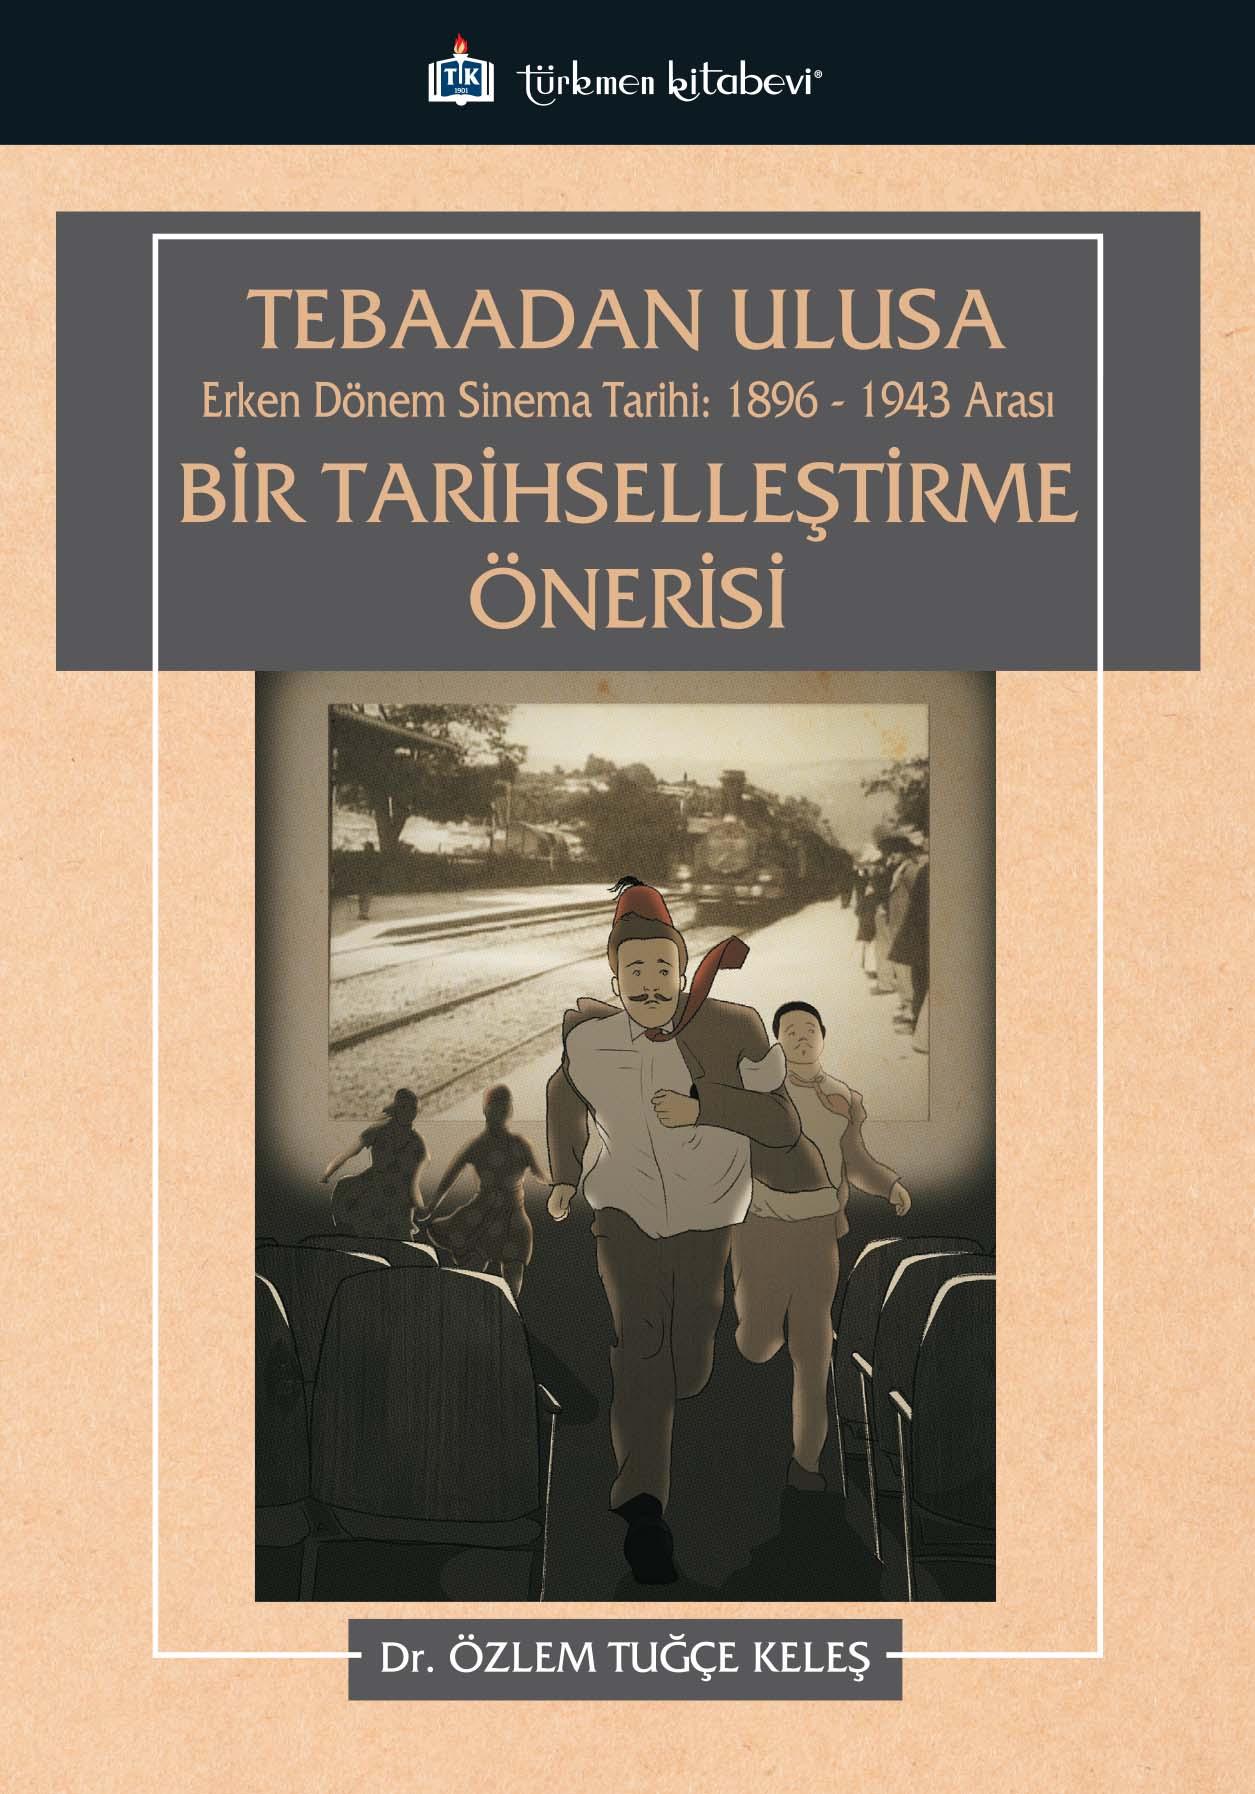 Tebaadan Ulusa Erken Dönem Sinema Tarihi: 1896-1943 Arası Bir Tarihselleştirme Önerisi